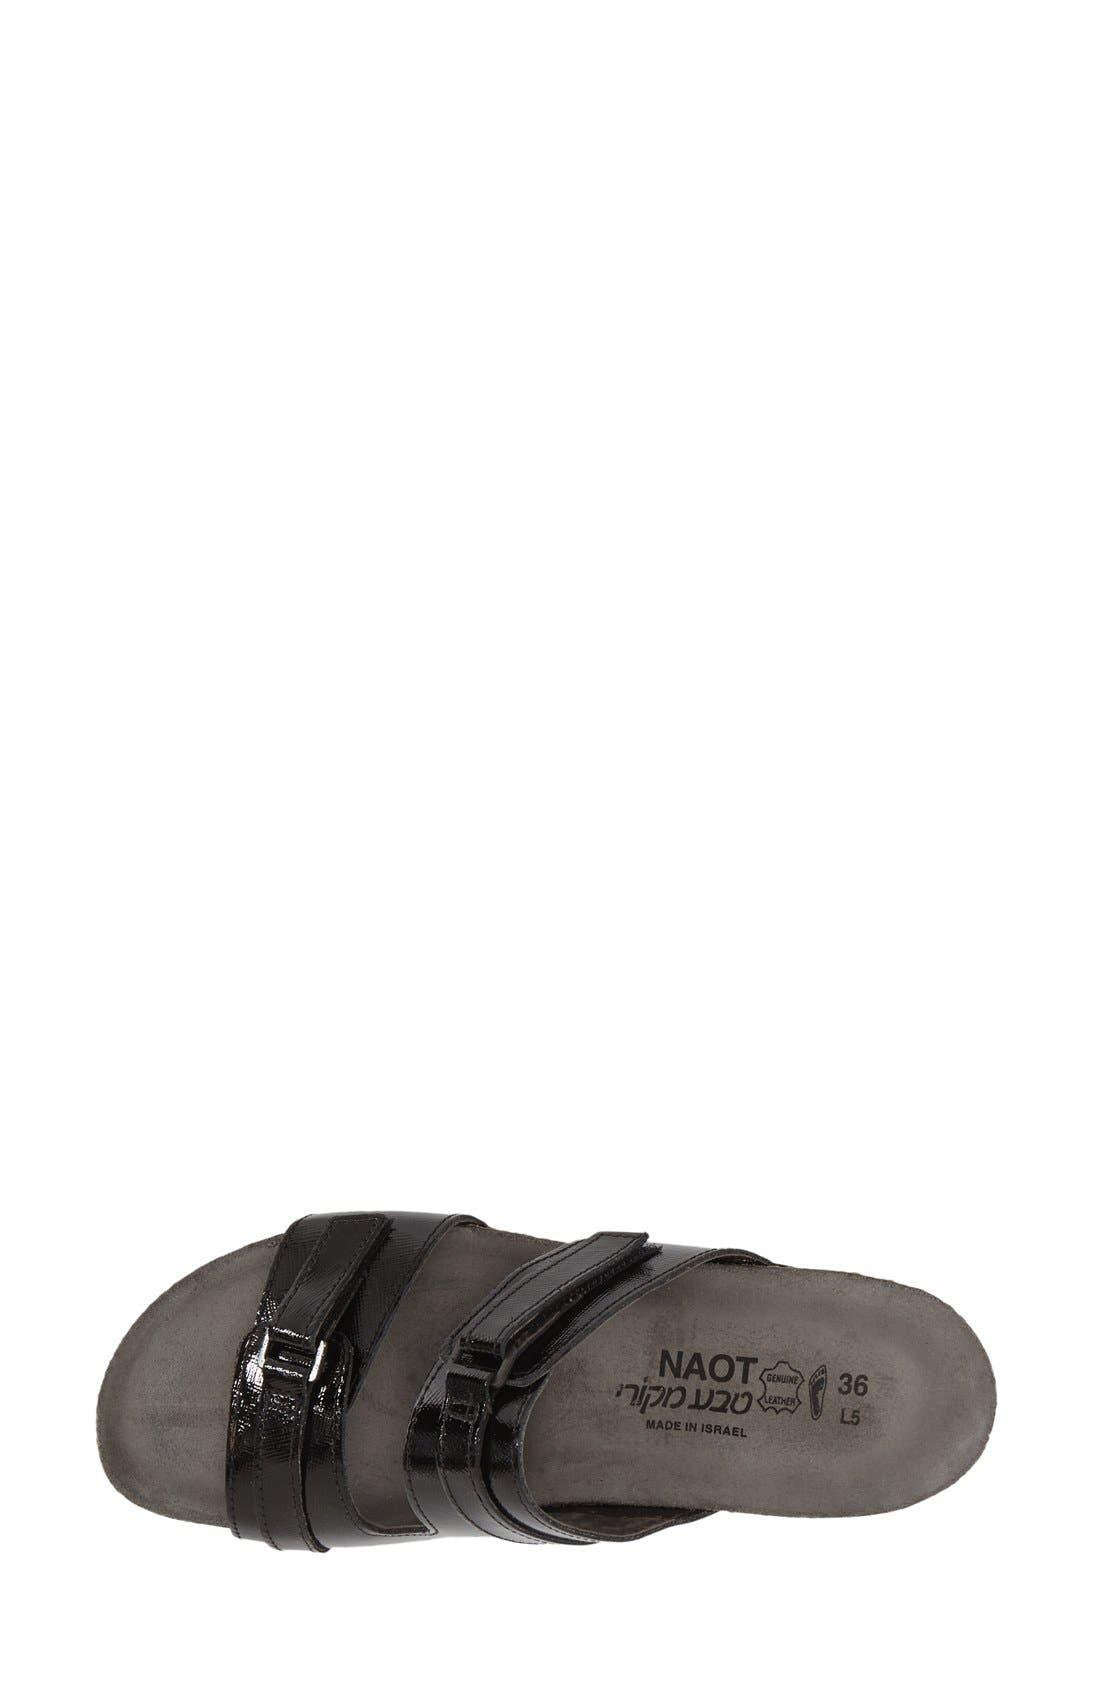 Alternate Image 3  - Naot 'Carly' Slide Sandal (Women)